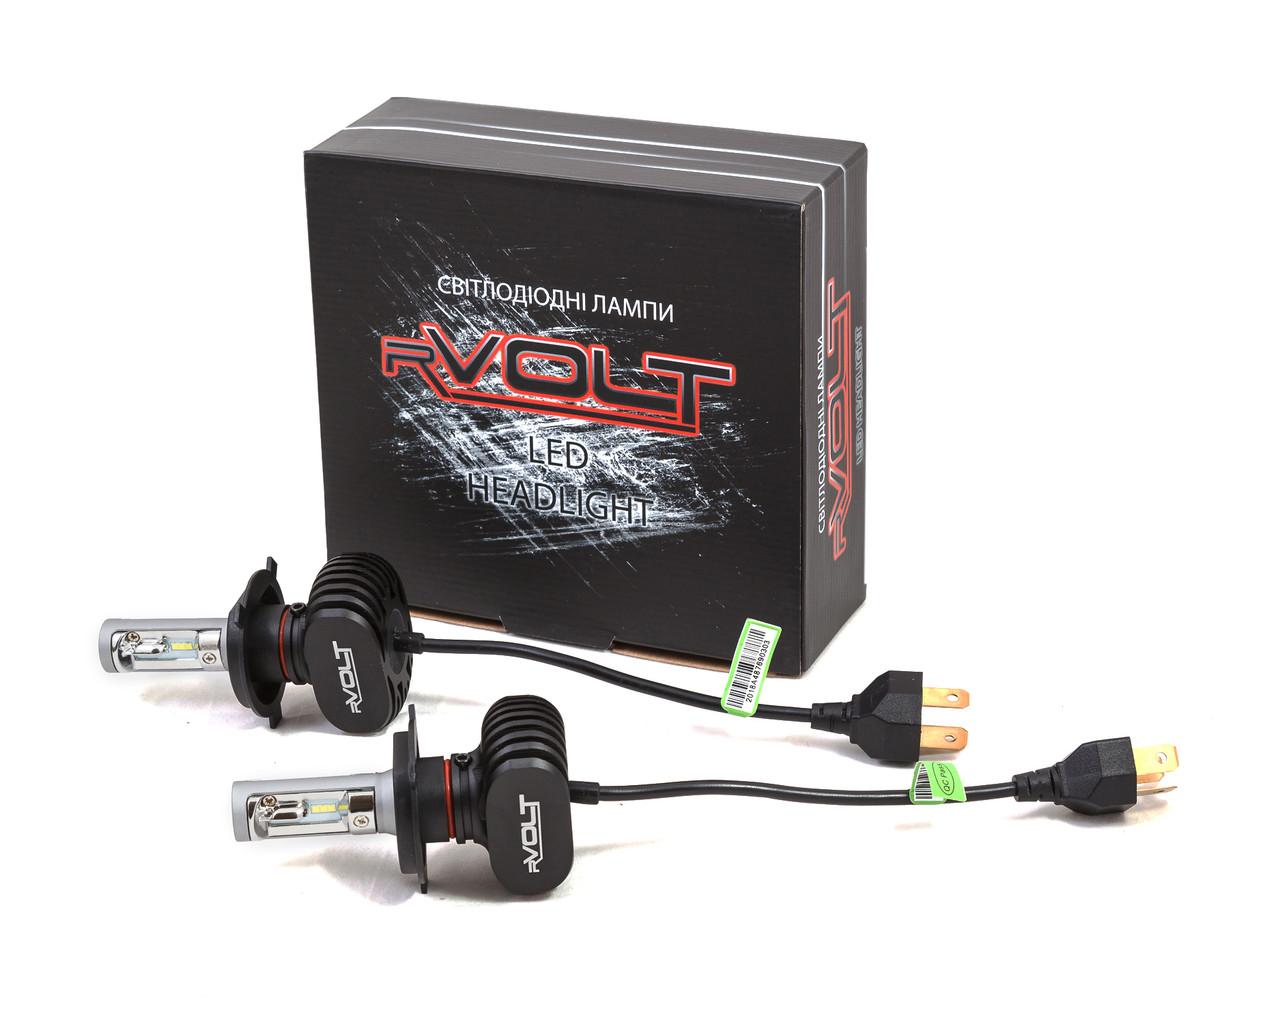 Светодиодные LED лампы rVolt RR01 H4 4000Lm